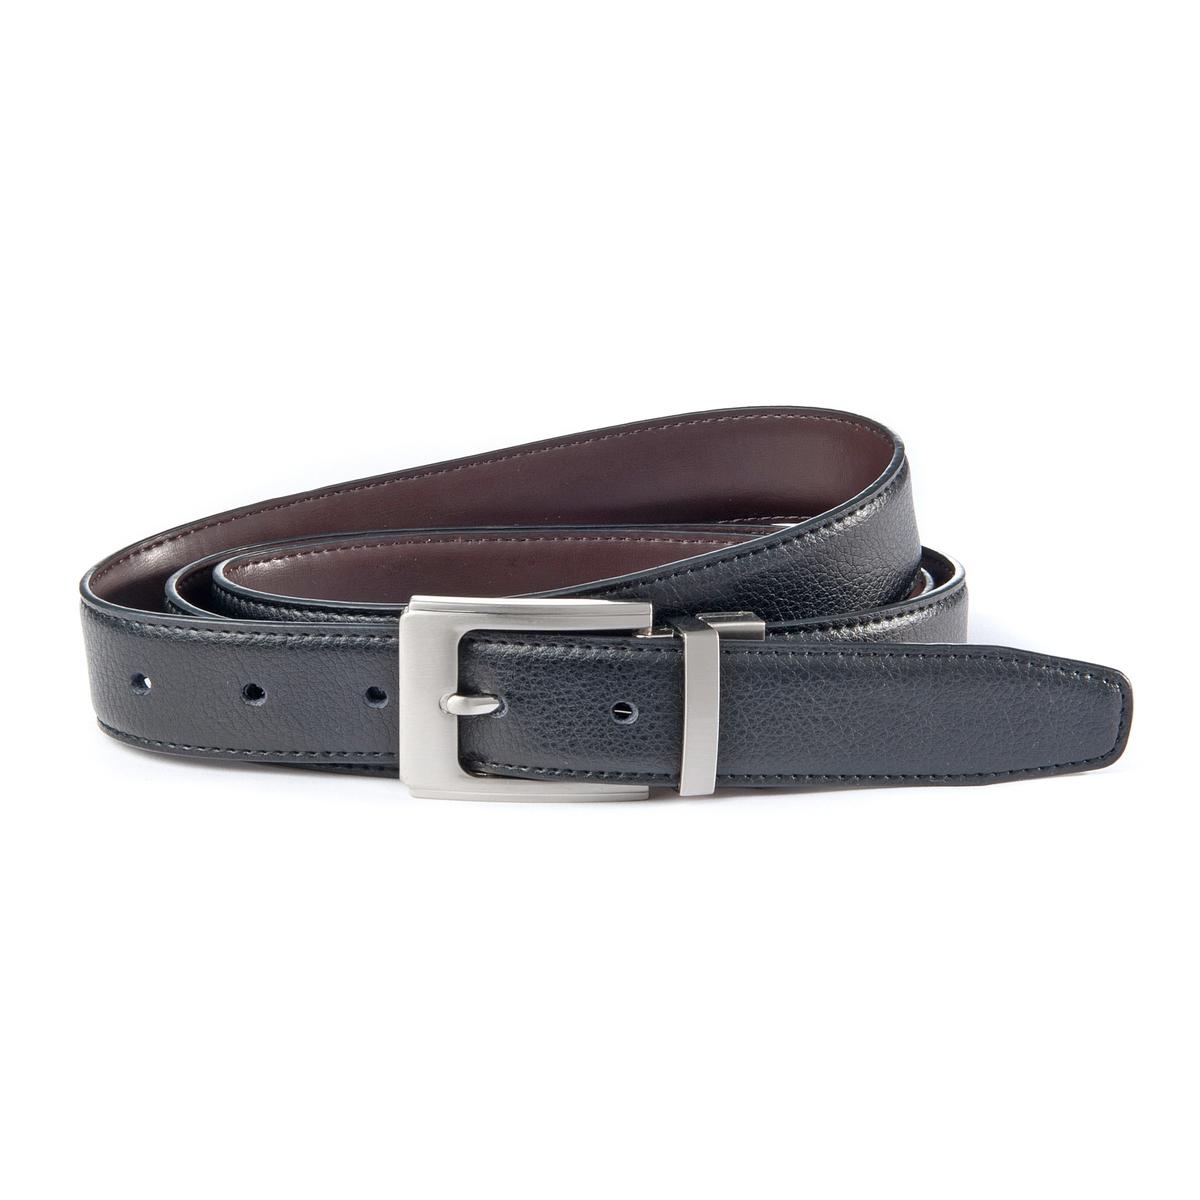 Ремень кожаный, двустороннийДвусторонний кожаный ремень : 1 черная сторона, 1 коричневая сторона, меняйте цвет одним движением !Материал : яловичная кожа. Застежка : реверсивная металлическая пряжкаШирина : 3,5 смОбхват талии в см<br><br>Цвет: каштановый / черный<br>Размер: 110/120 см